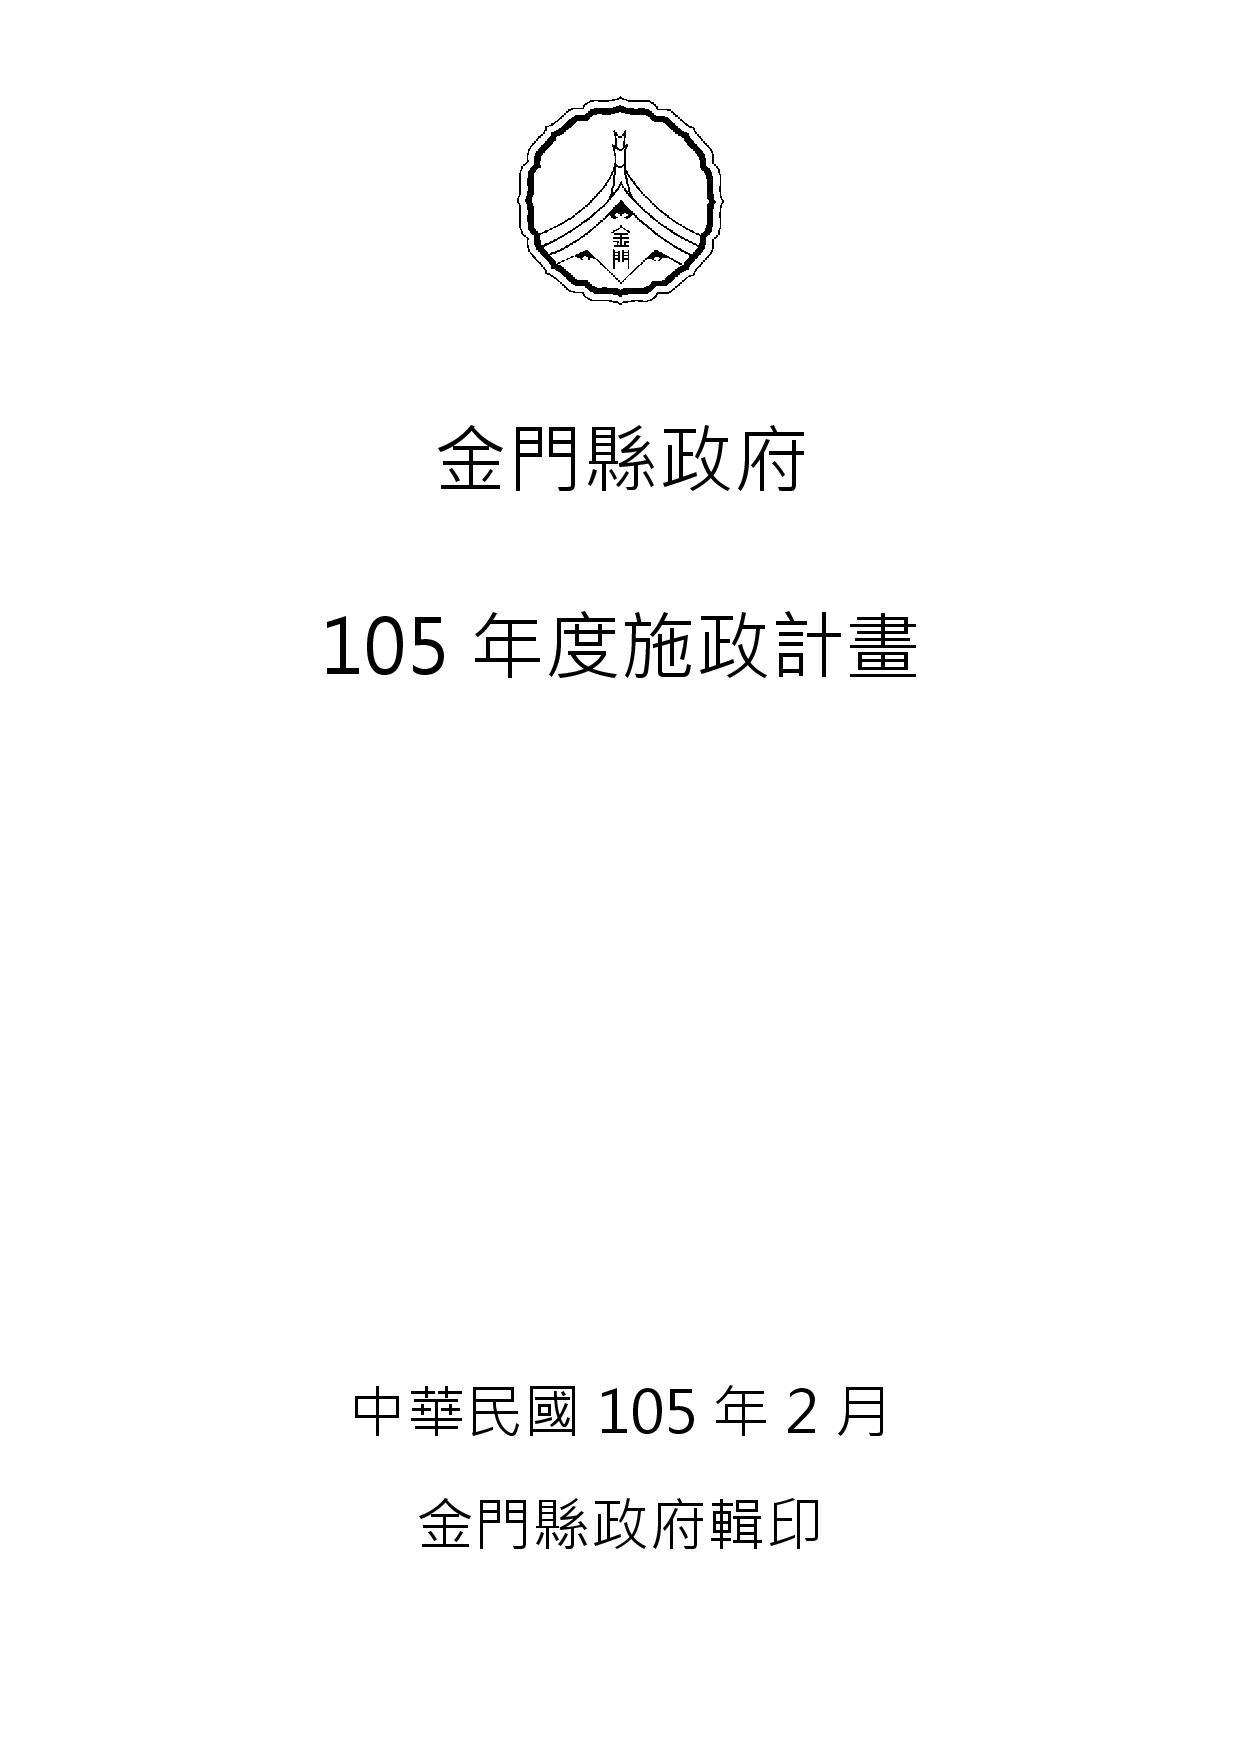 金門縣政府105年度施政計畫(更新)